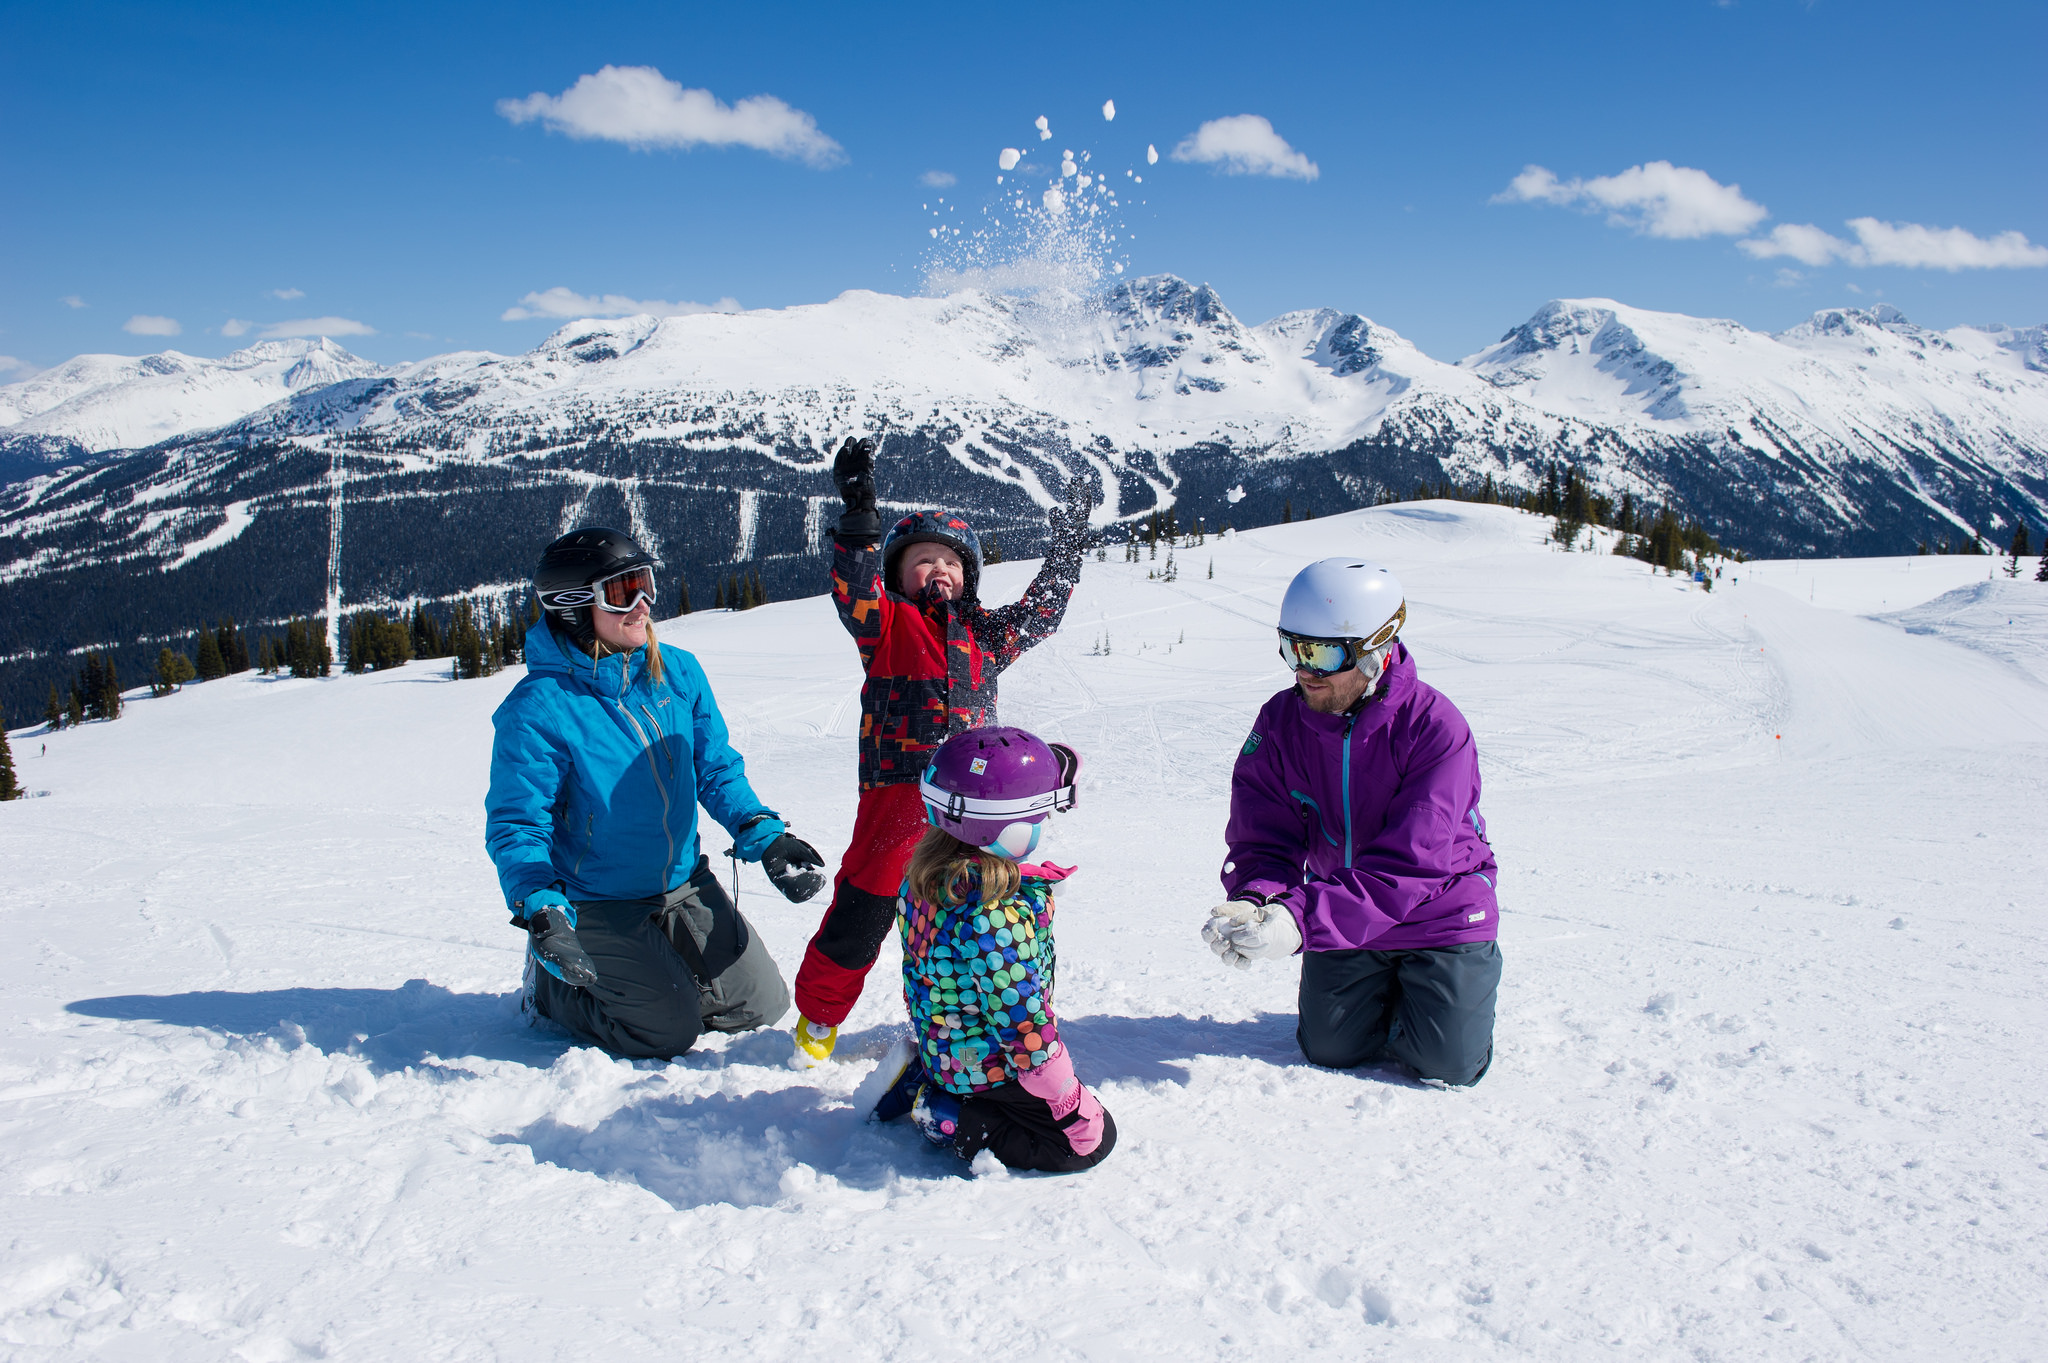 Family Skiing Hacks